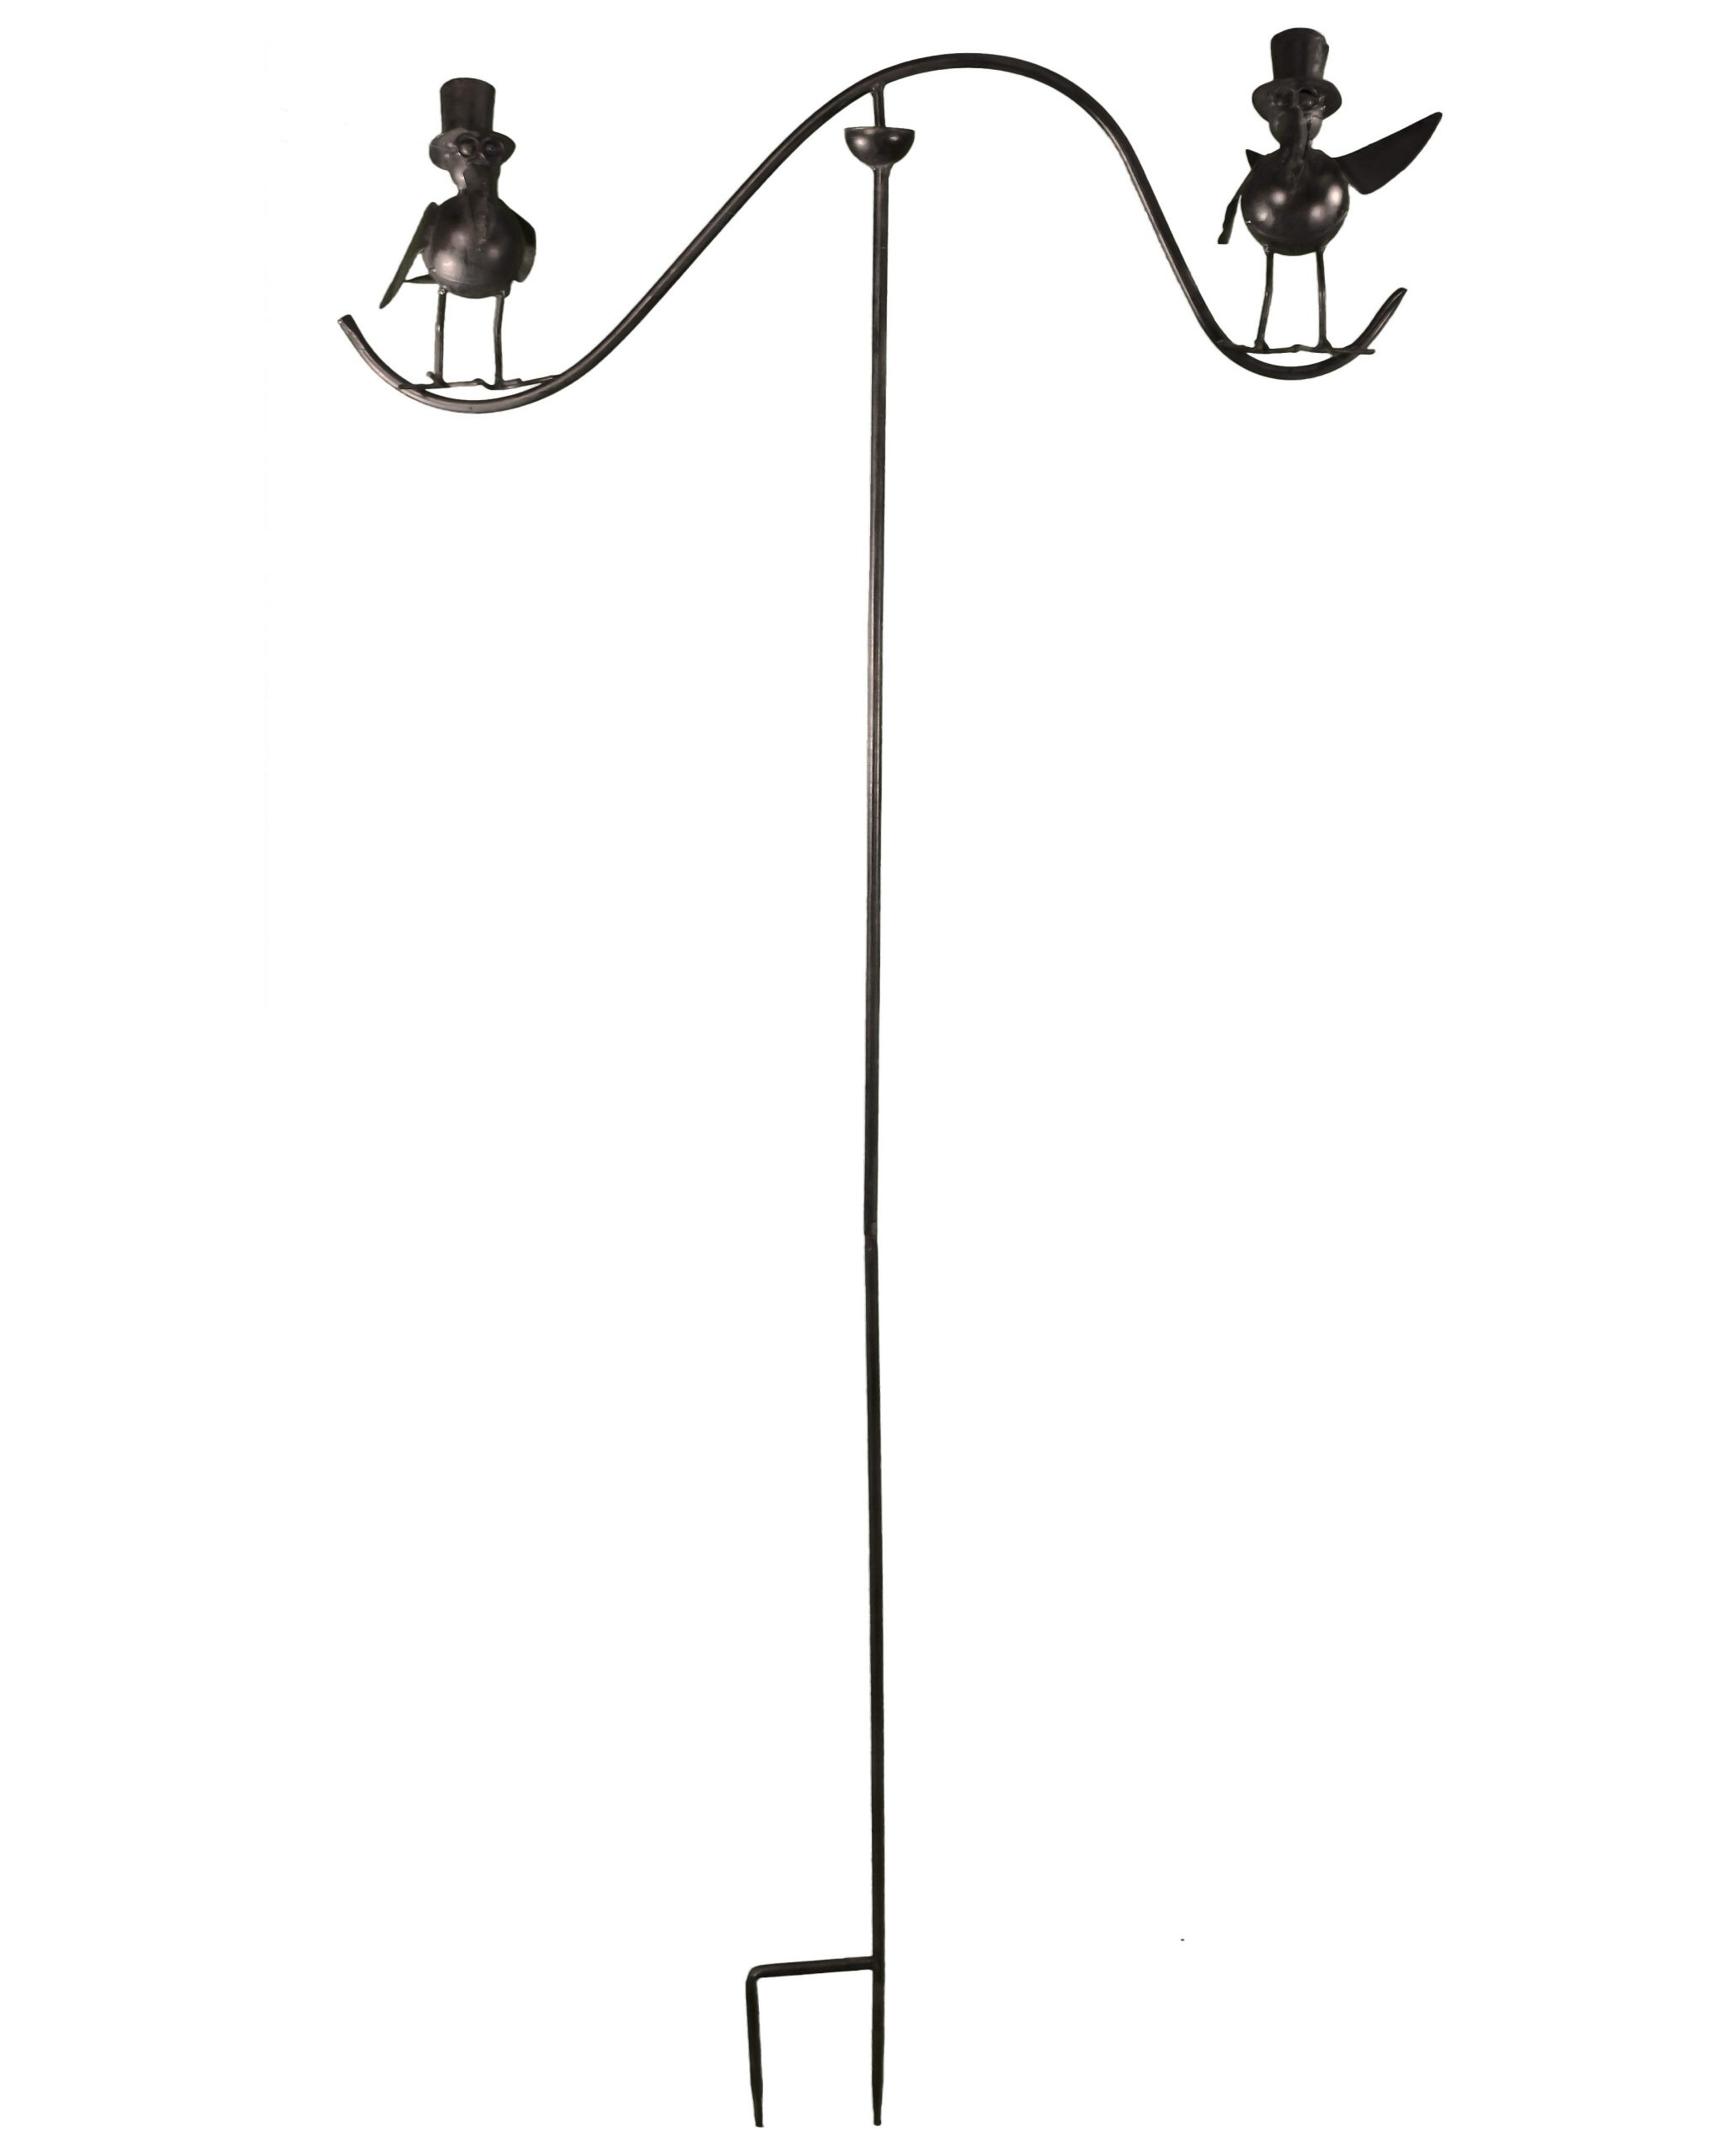 Tuteur Tige Pour Plantes Motifs Double Oiseaux Ou Mobile De Jardin Rotatif  À Planter En Fer Patiné Marron 62X62X139Cm à Mobile De Jardin En Fer